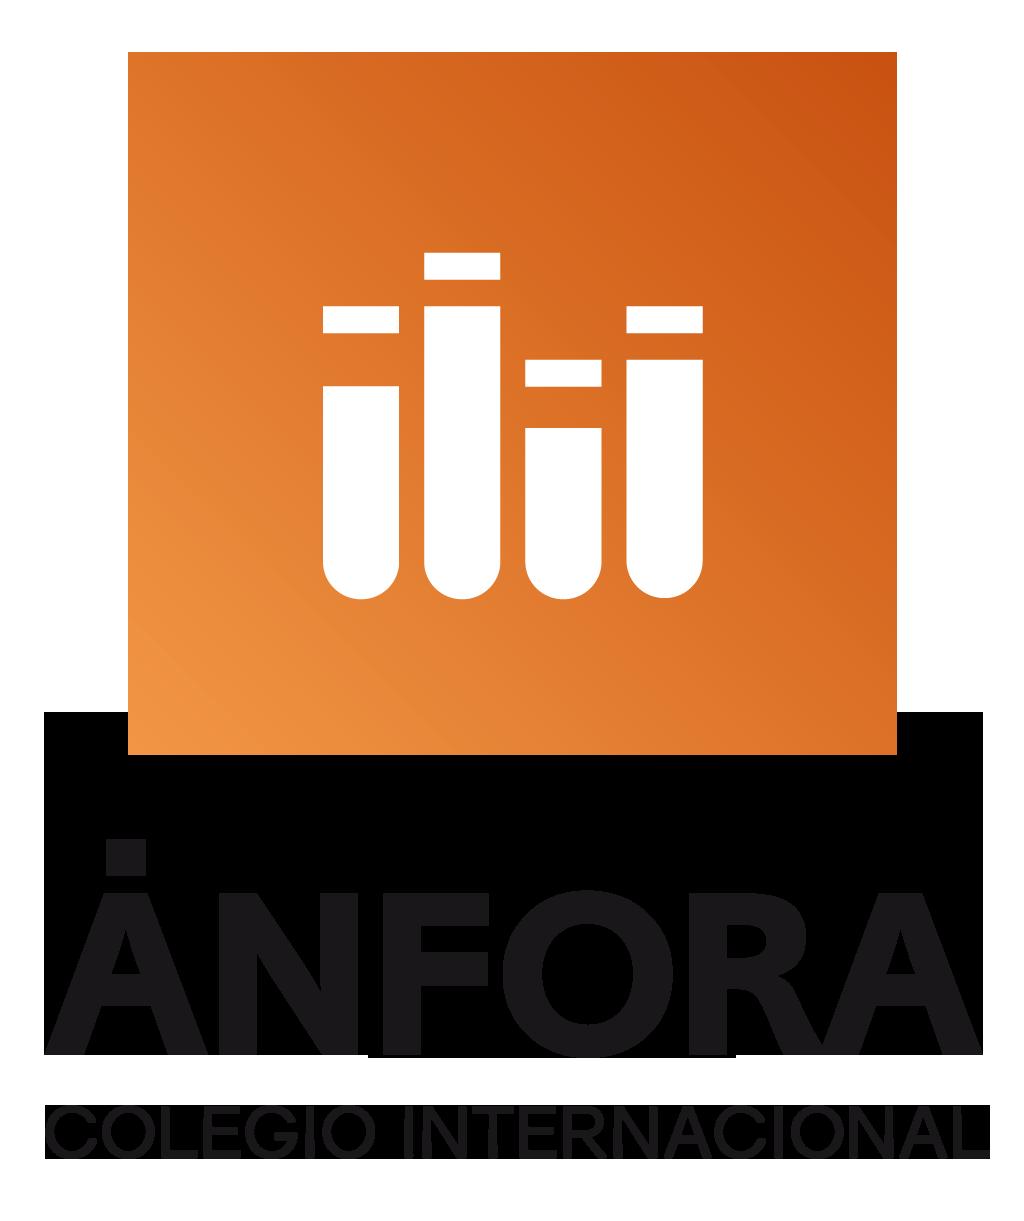 Colegio Internacional Ánfora